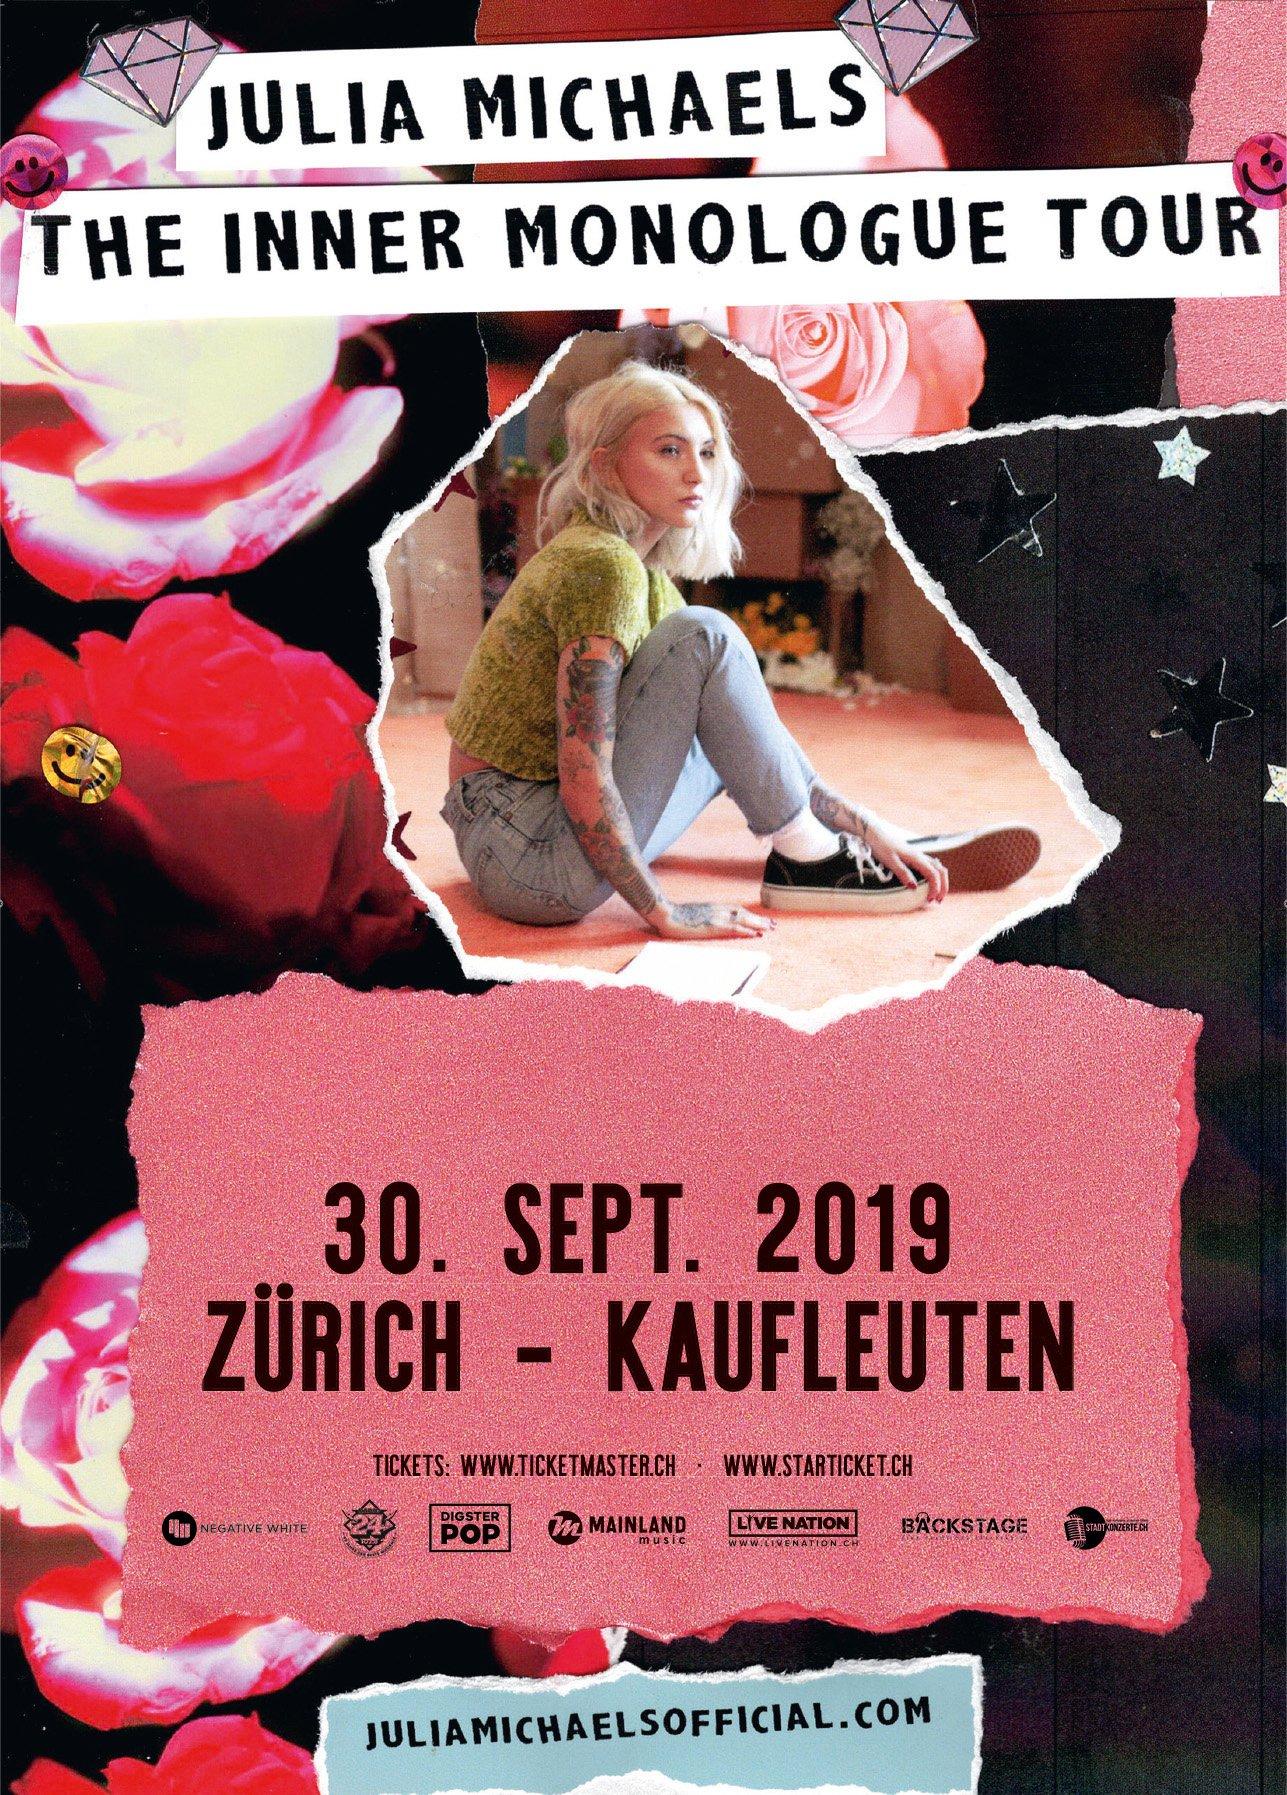 MON 30 SEP 2019 CH-ZÜRICH ⋅ KAUFLEUTEN